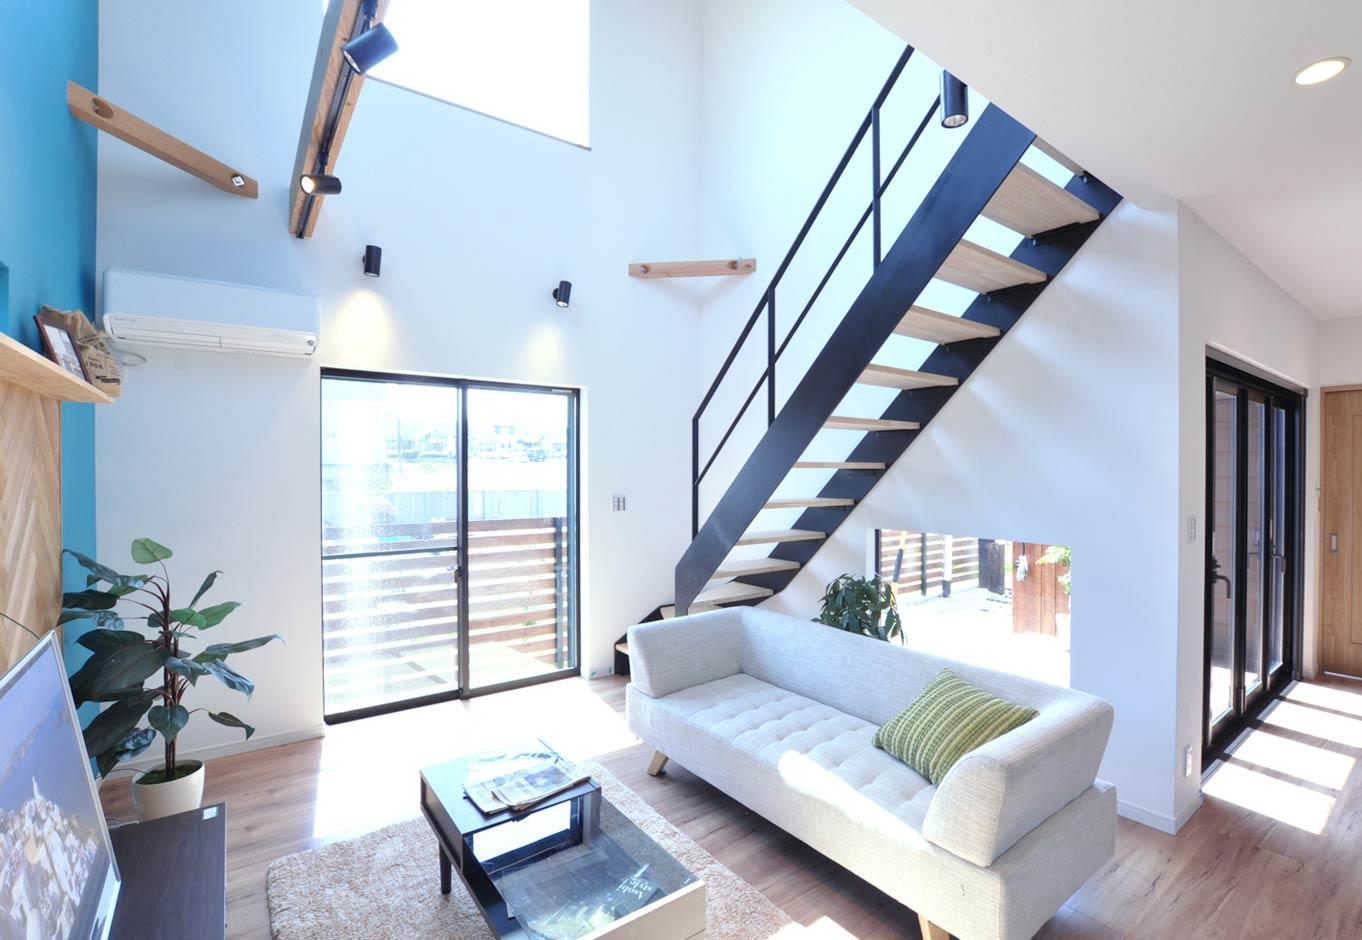 黒い鉄骨階段が白を基調とした空間のアクセントに。スケルトンにしたことでより開放感を創出。階段下のFIX窓越しにはウッドデッキが見える。床を無垢調の合板フローリングにしてコストを抑えた